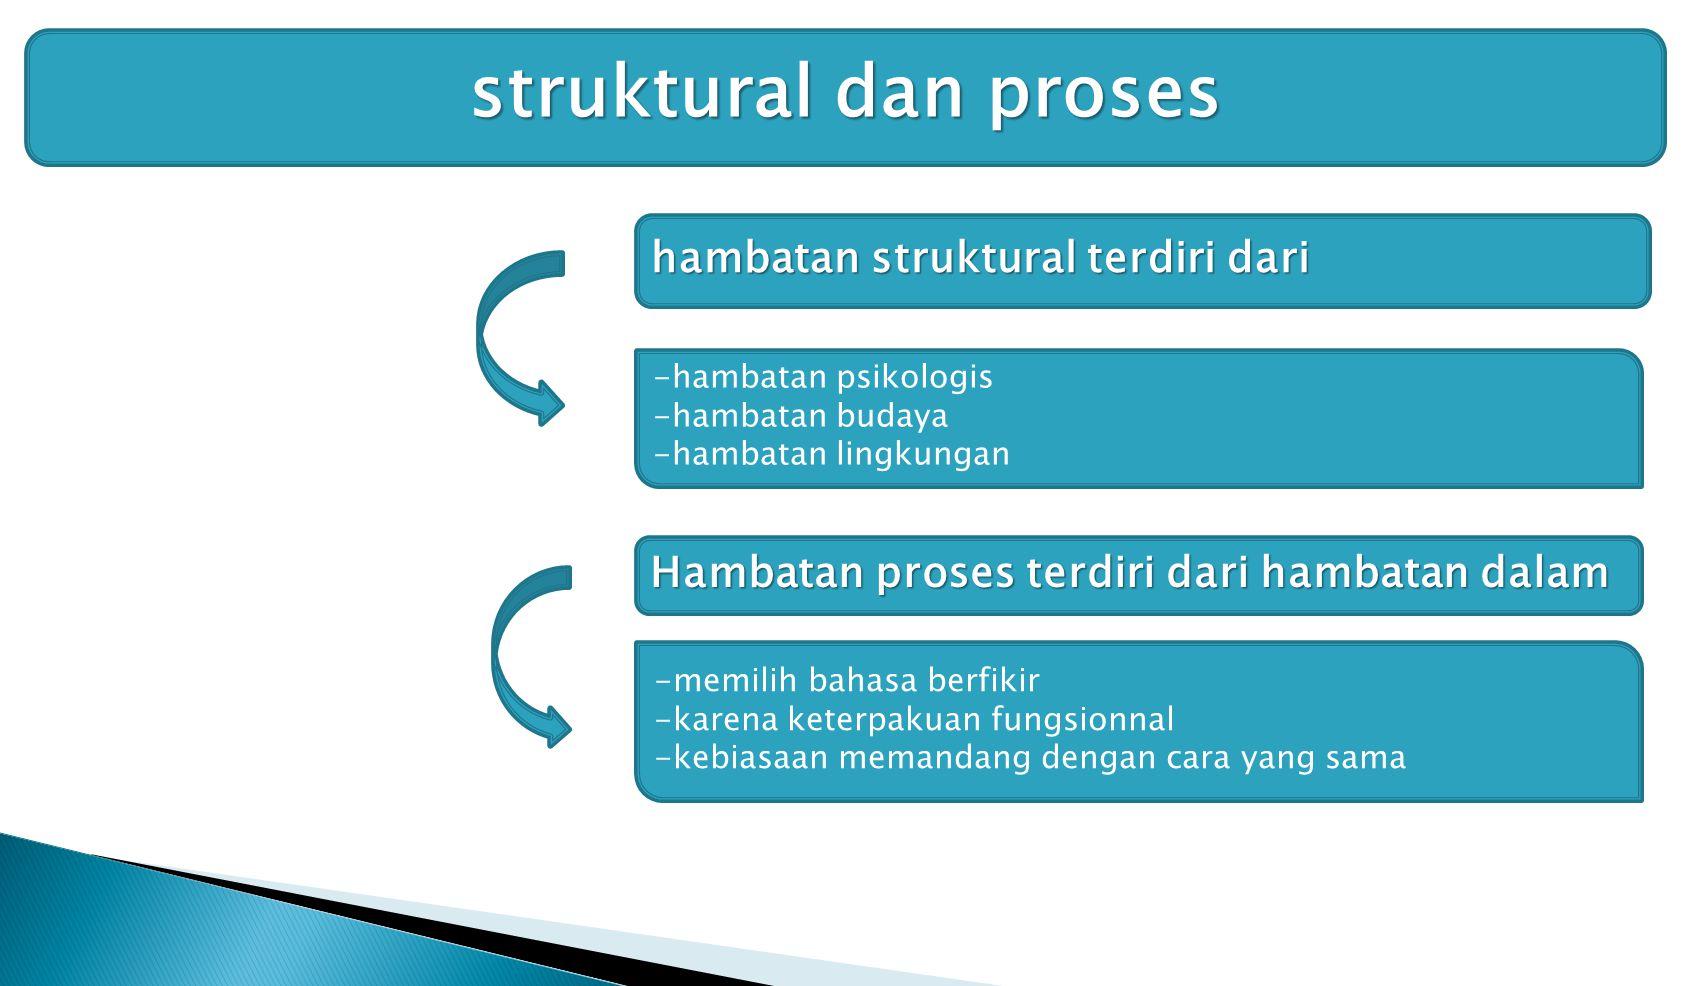 struktural dan proses hambatan struktural terdiri dari